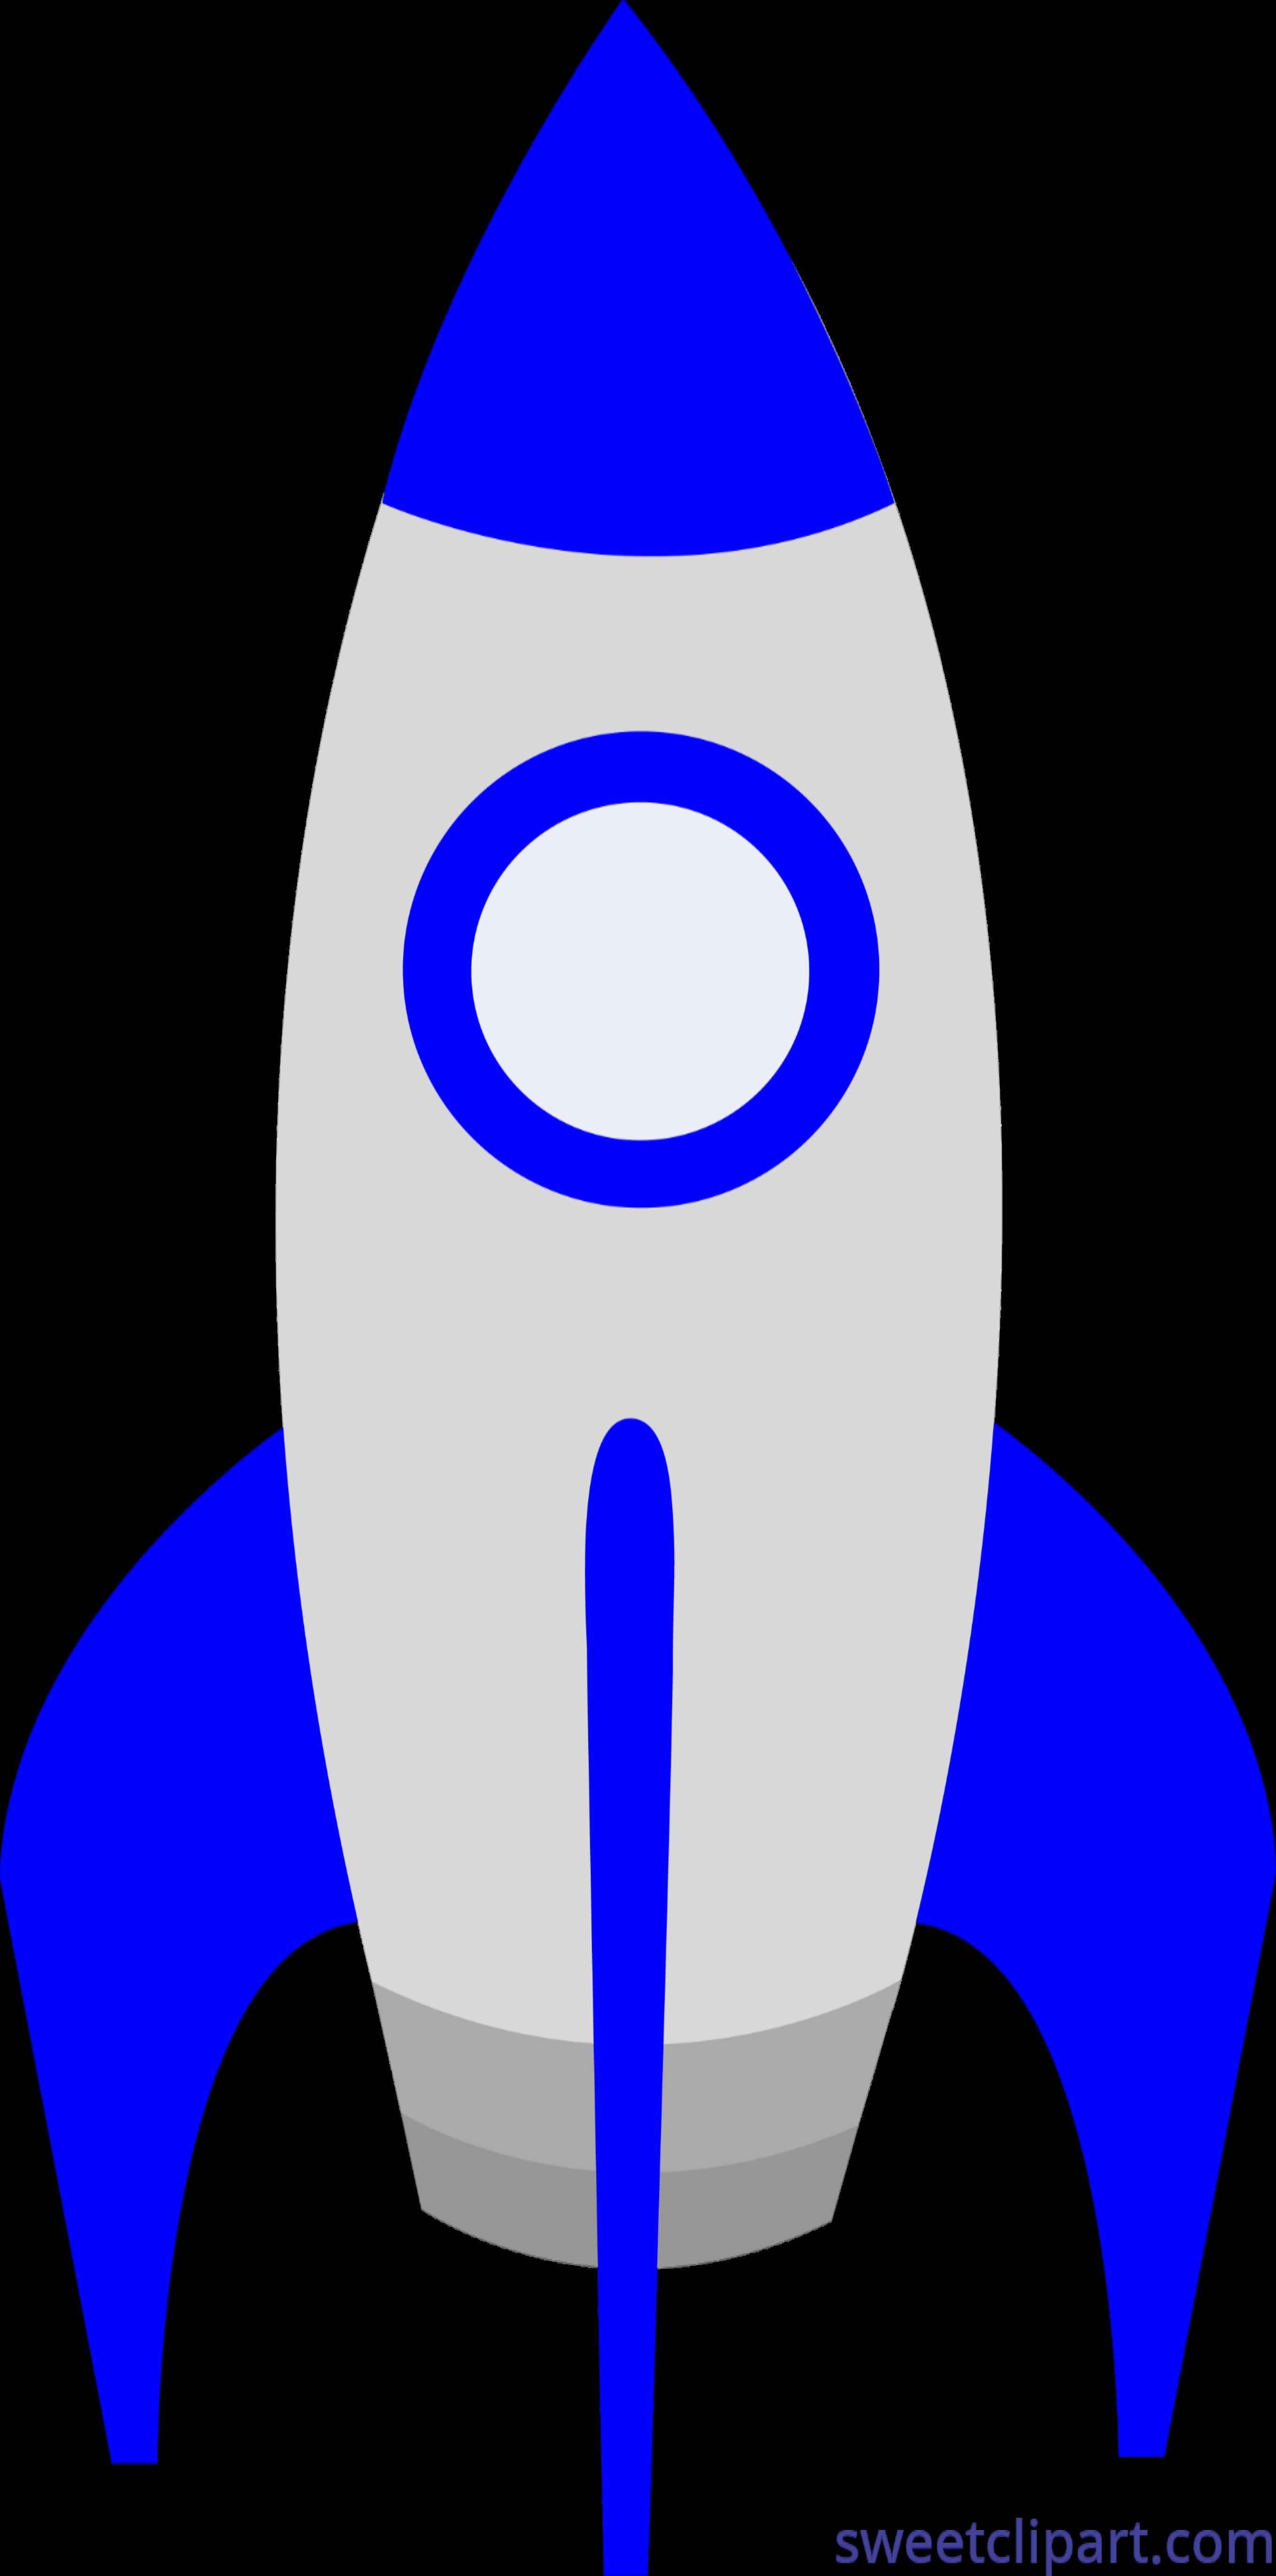 Cute blue rocket.